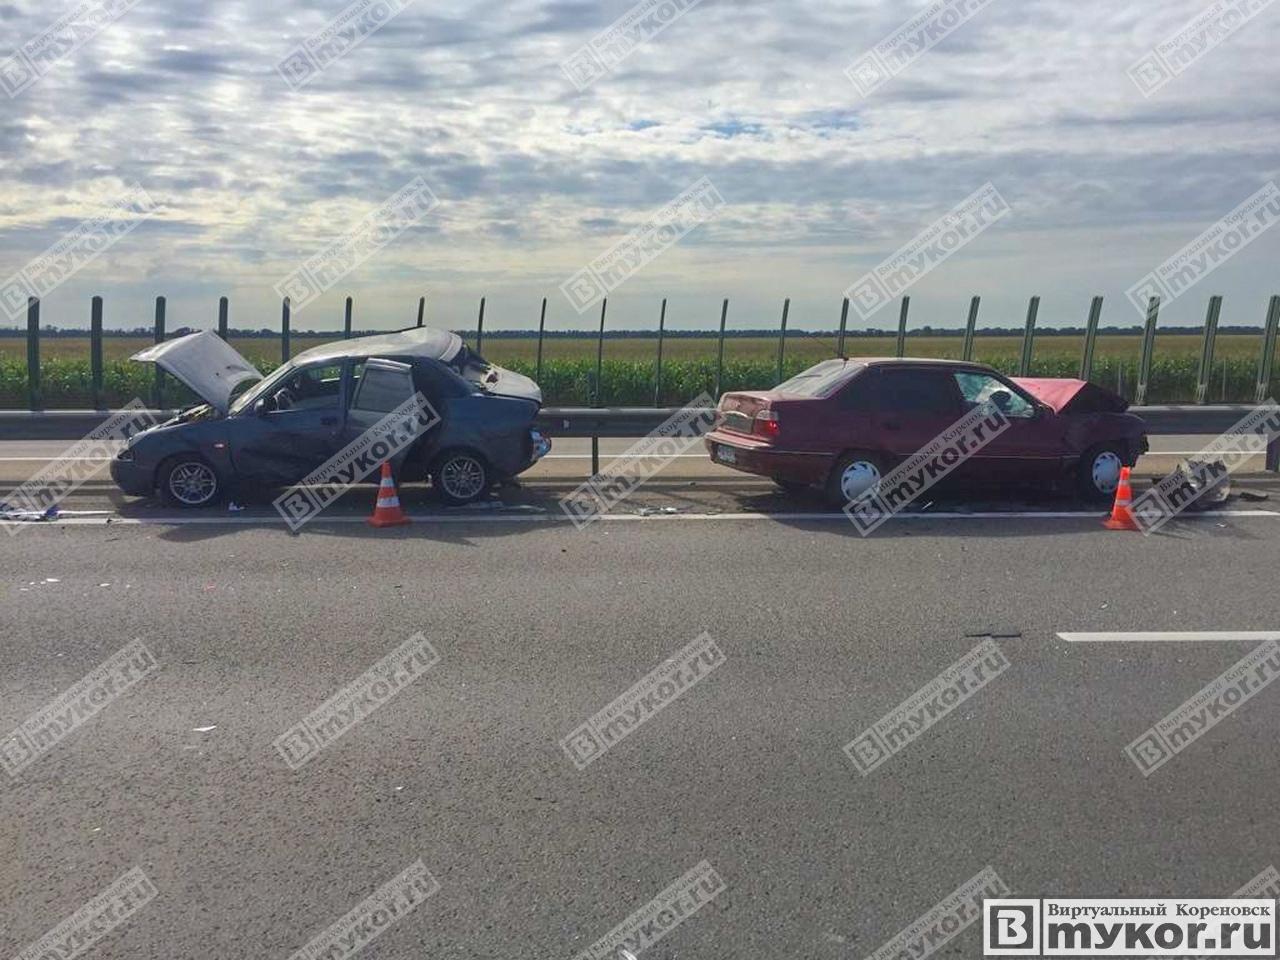 """ДТП 1 июля 2019 года на автодороге M4 - """"Дон"""" фото"""